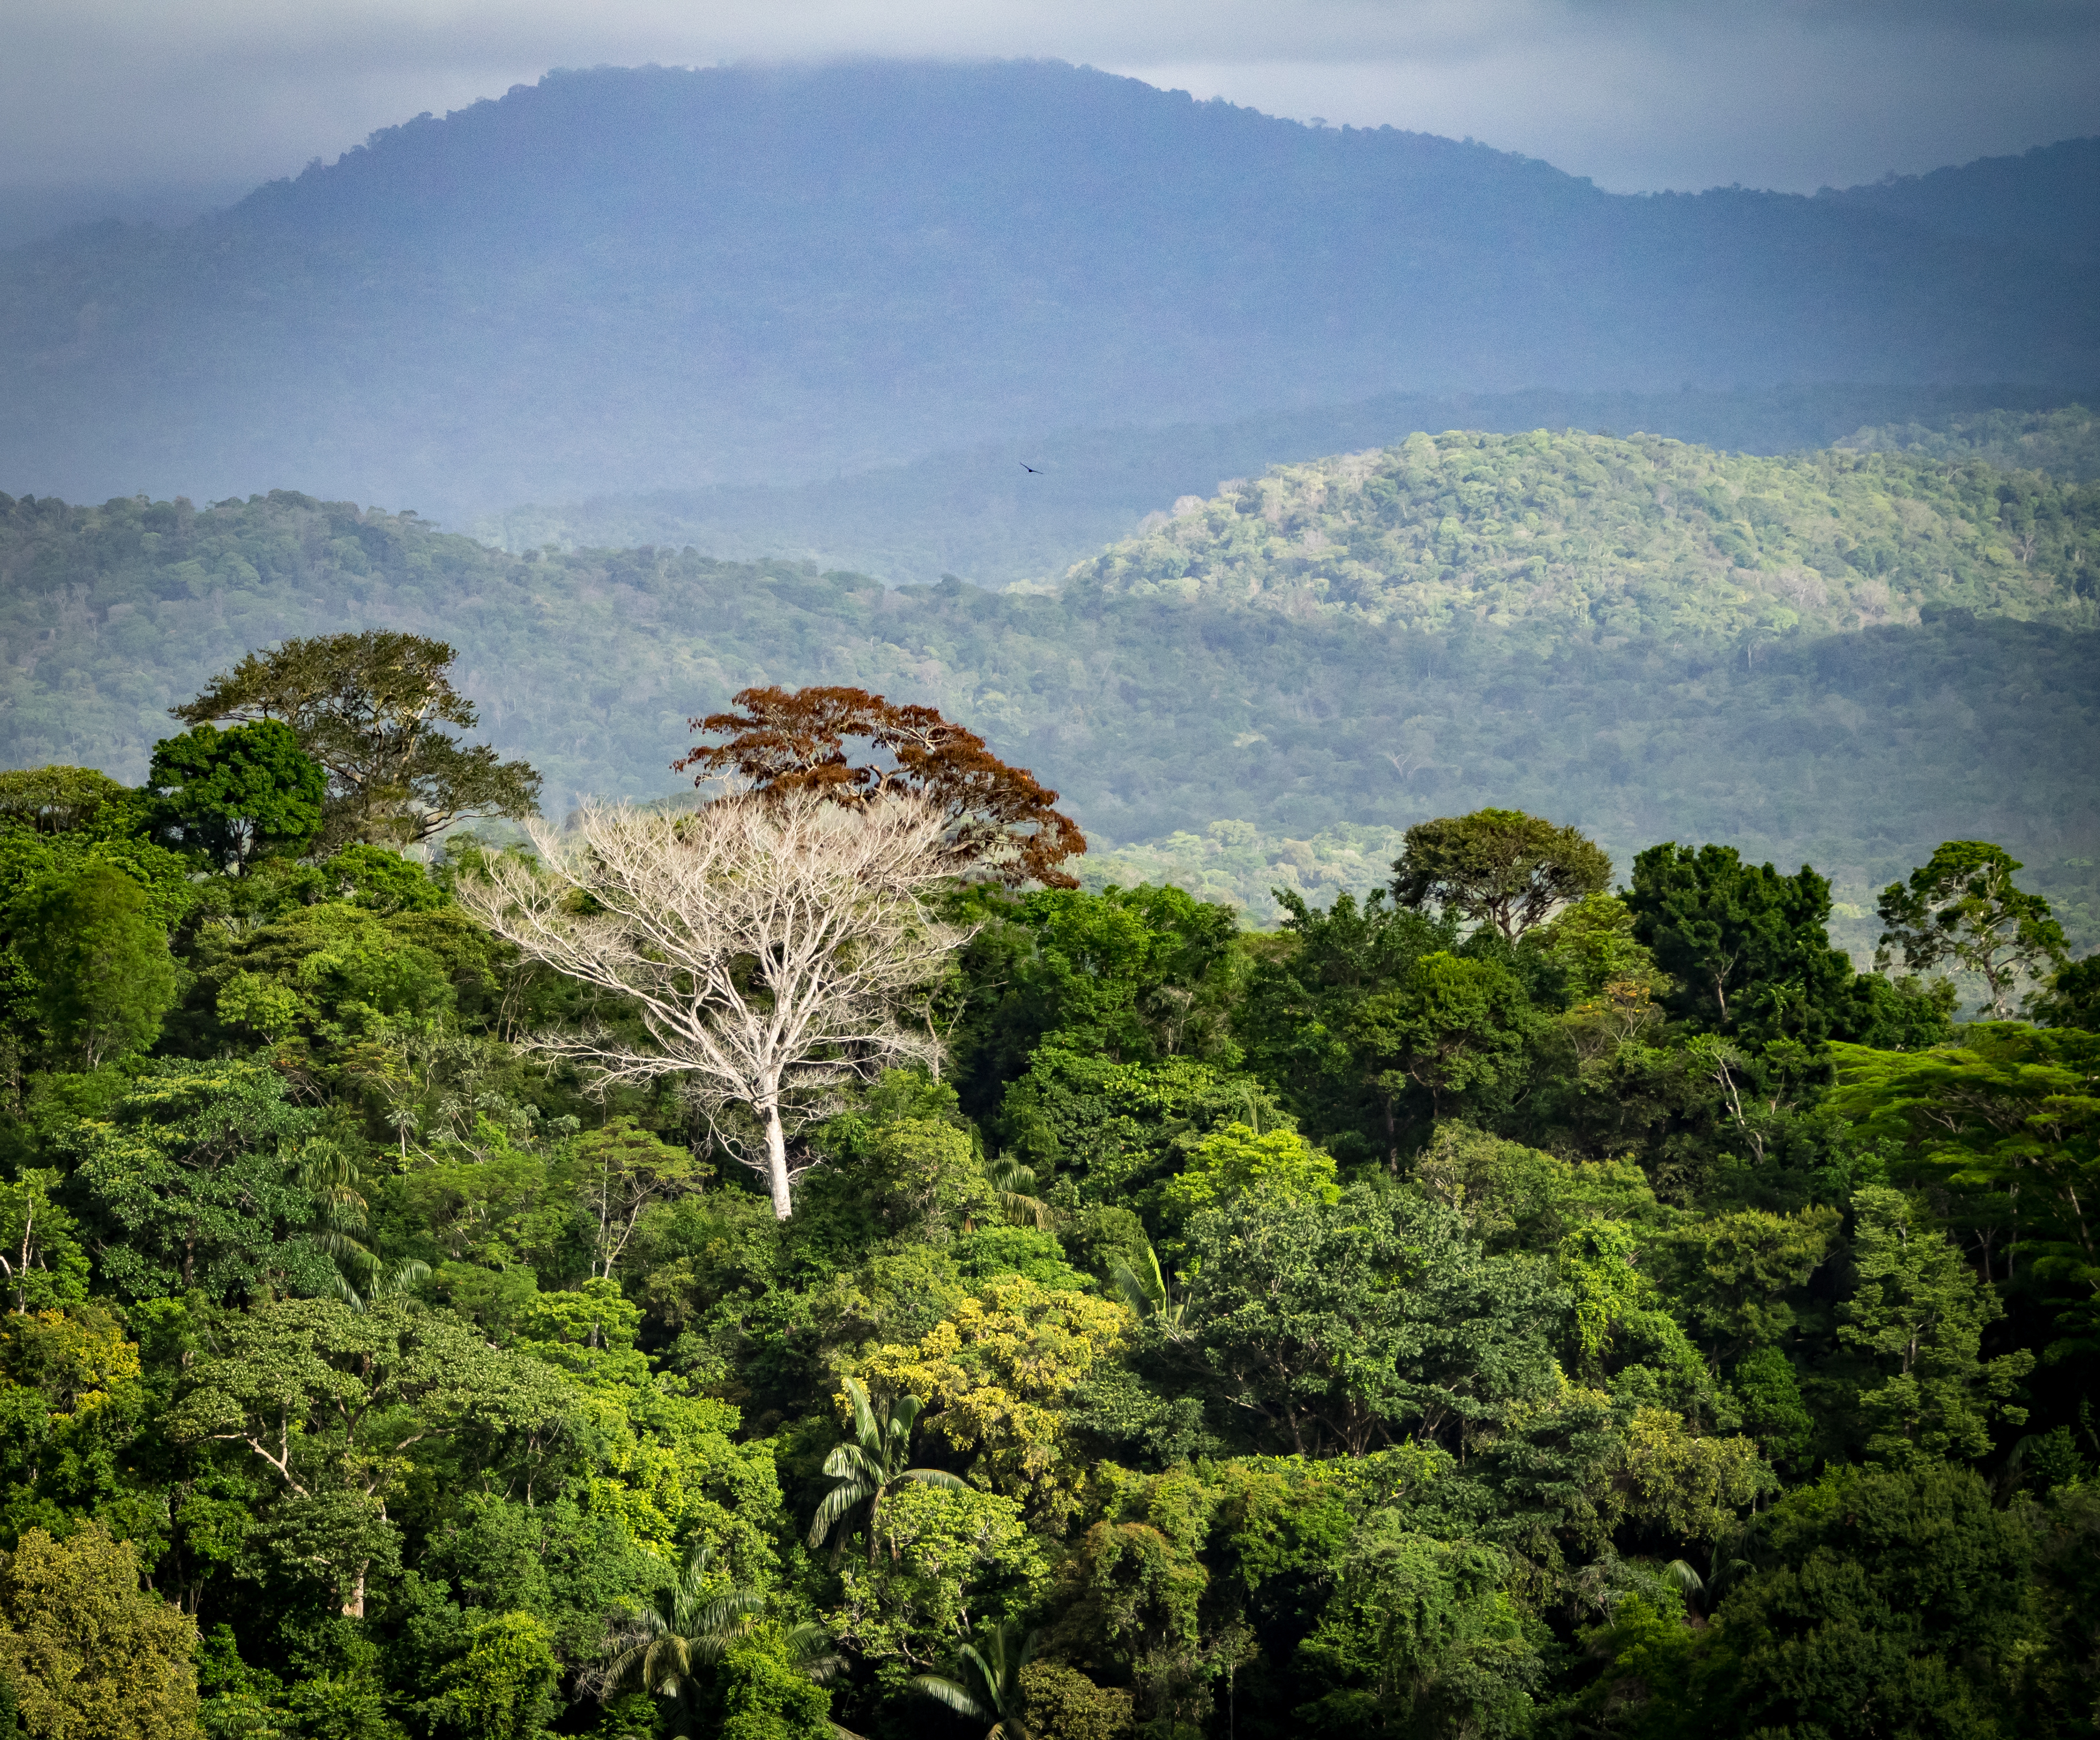 Surama Mountain - Views around Guyana's Interior and rainforest. Photo Credit: Shutterstock